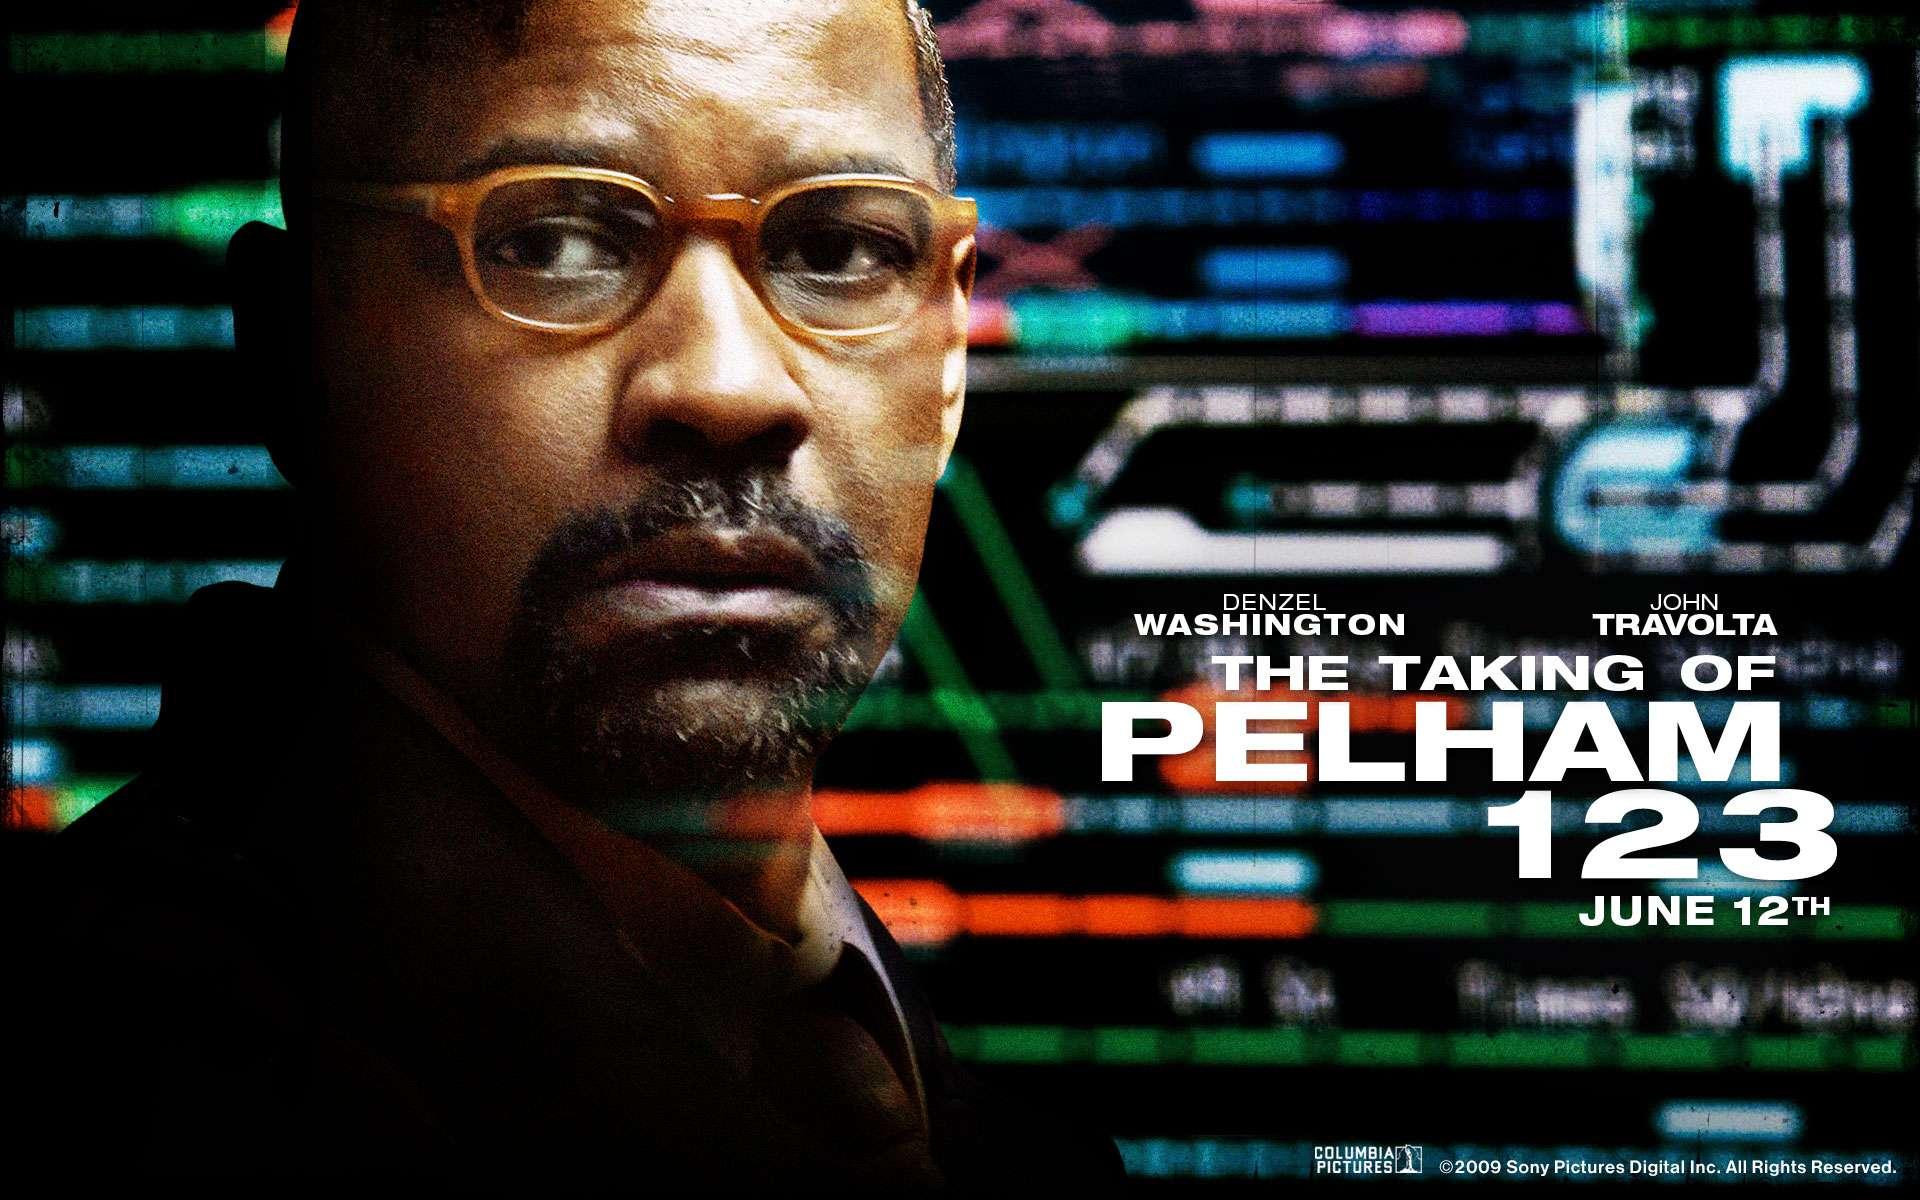 The Taking of Pelham Wallpaper 12.jpg